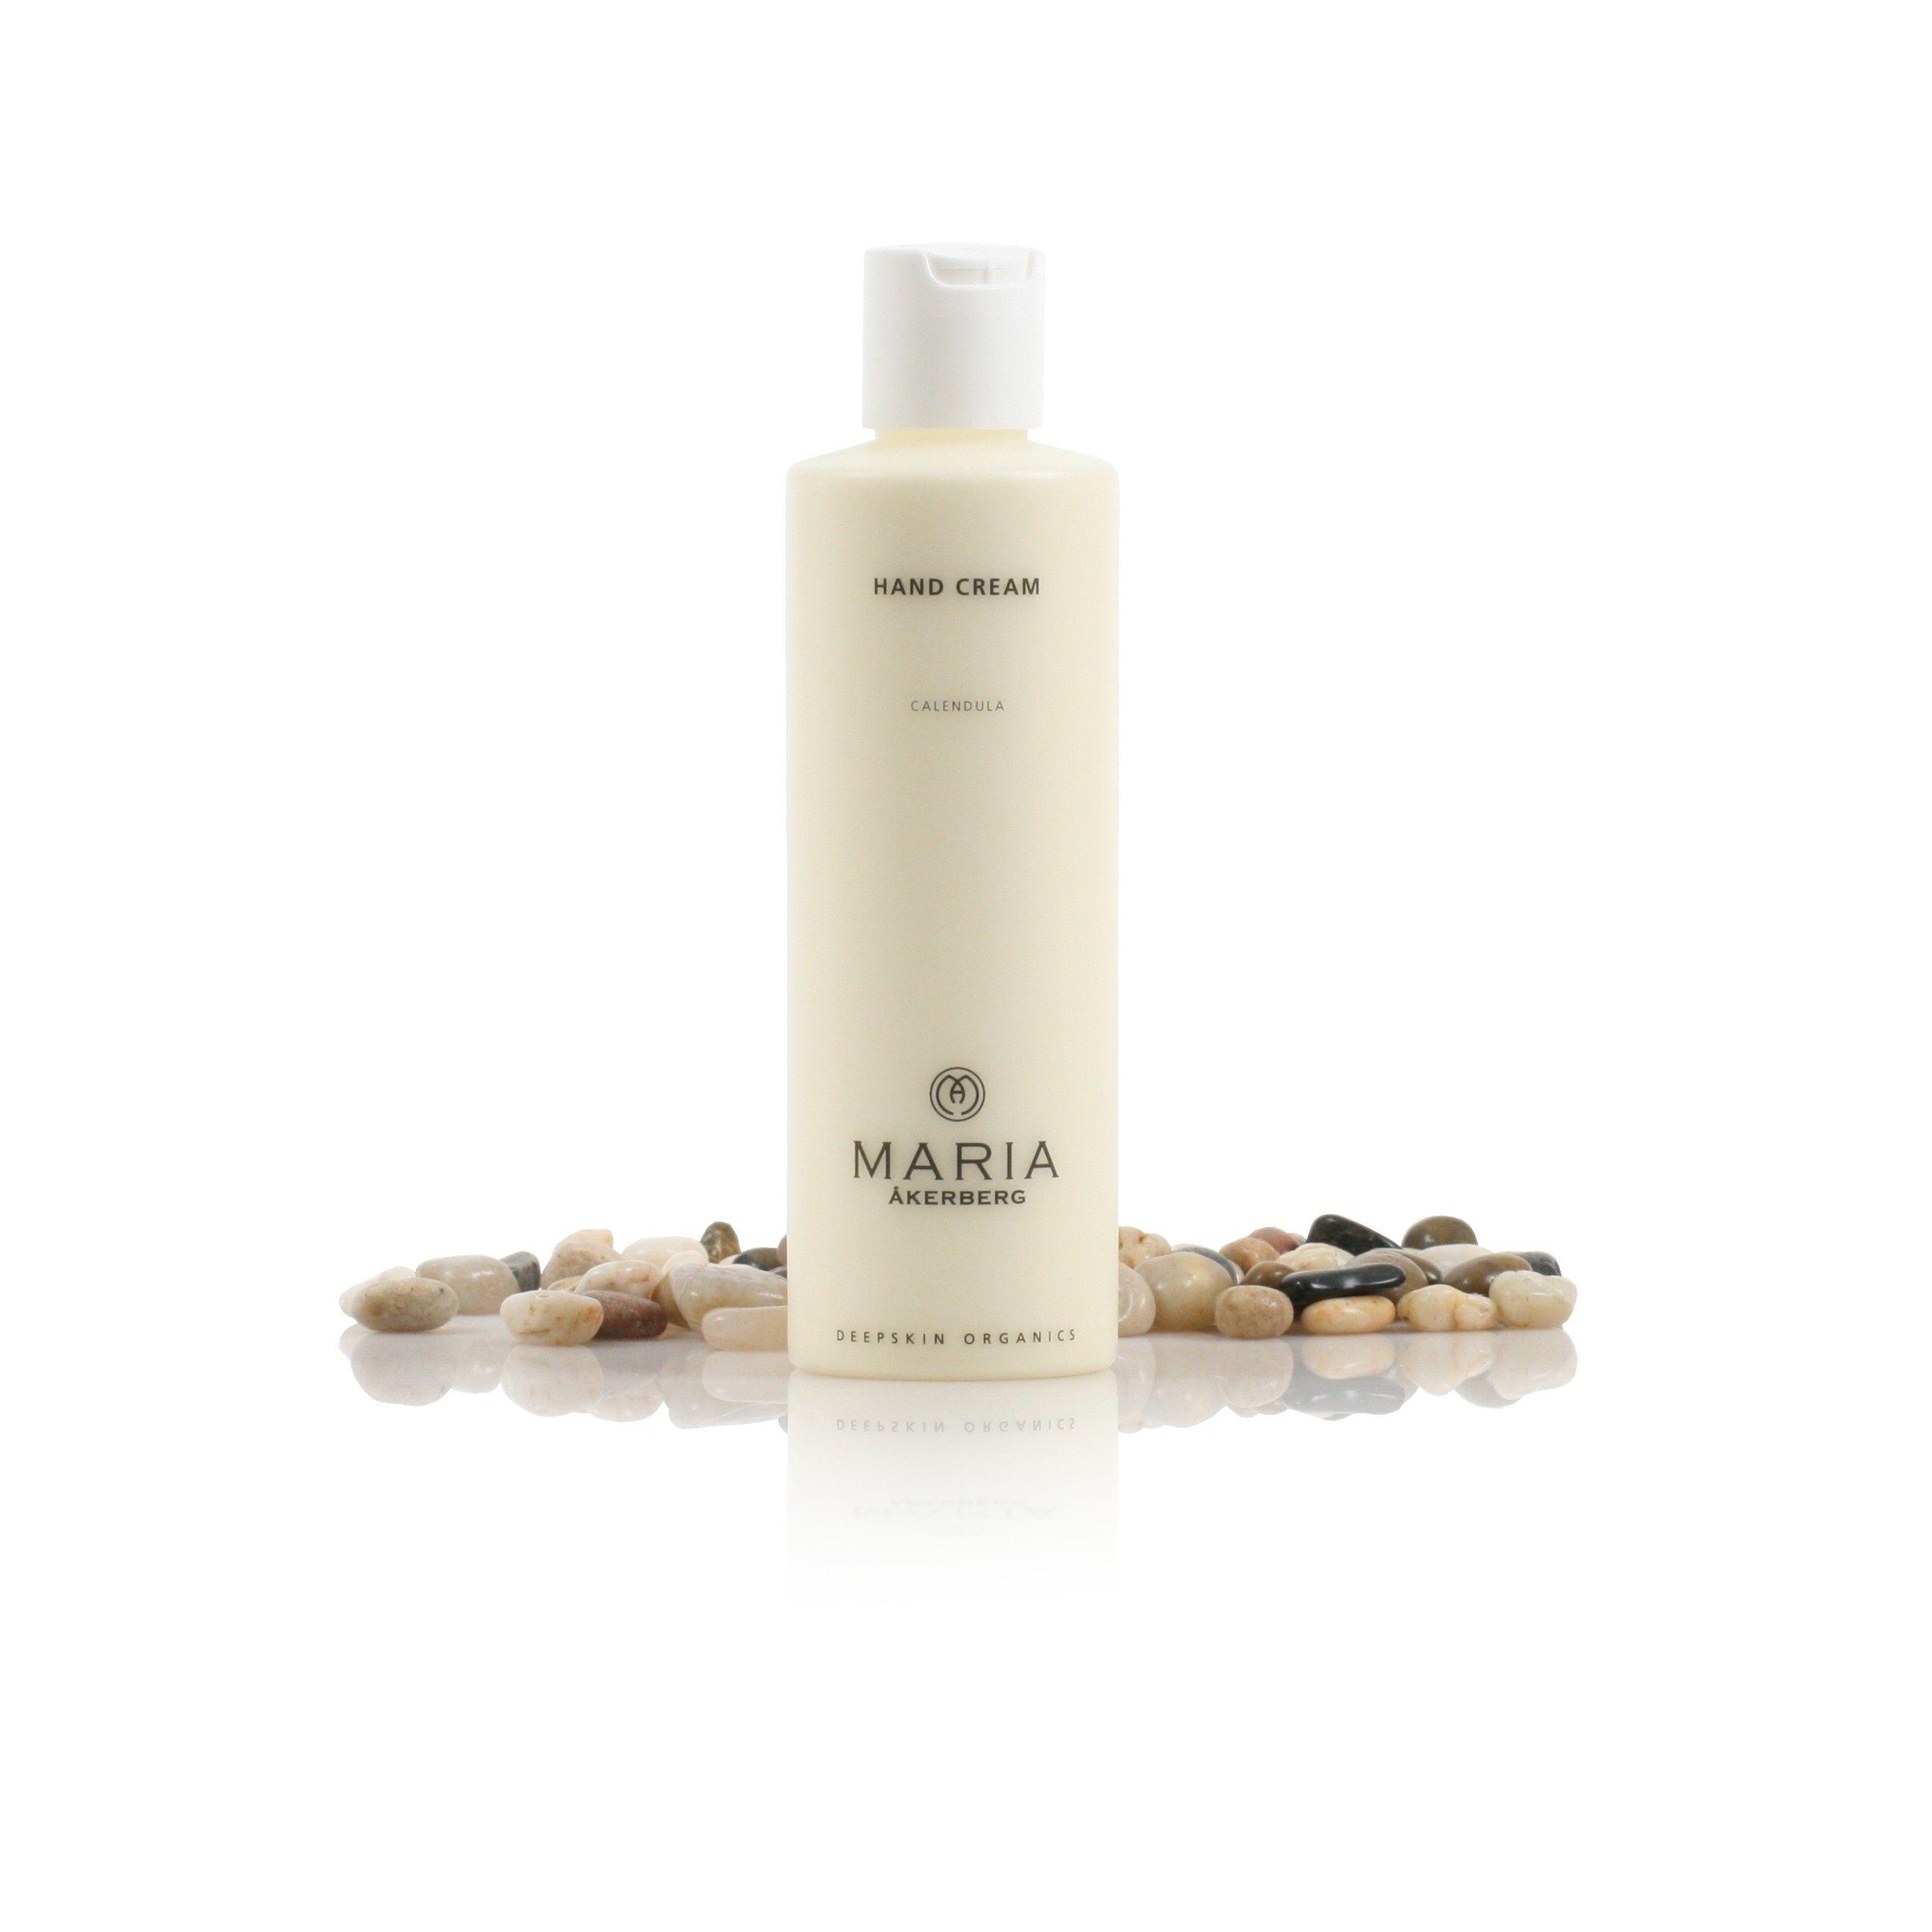 Maria Åkerberg Hand Cream 250 ml - Eko | Fina Mig